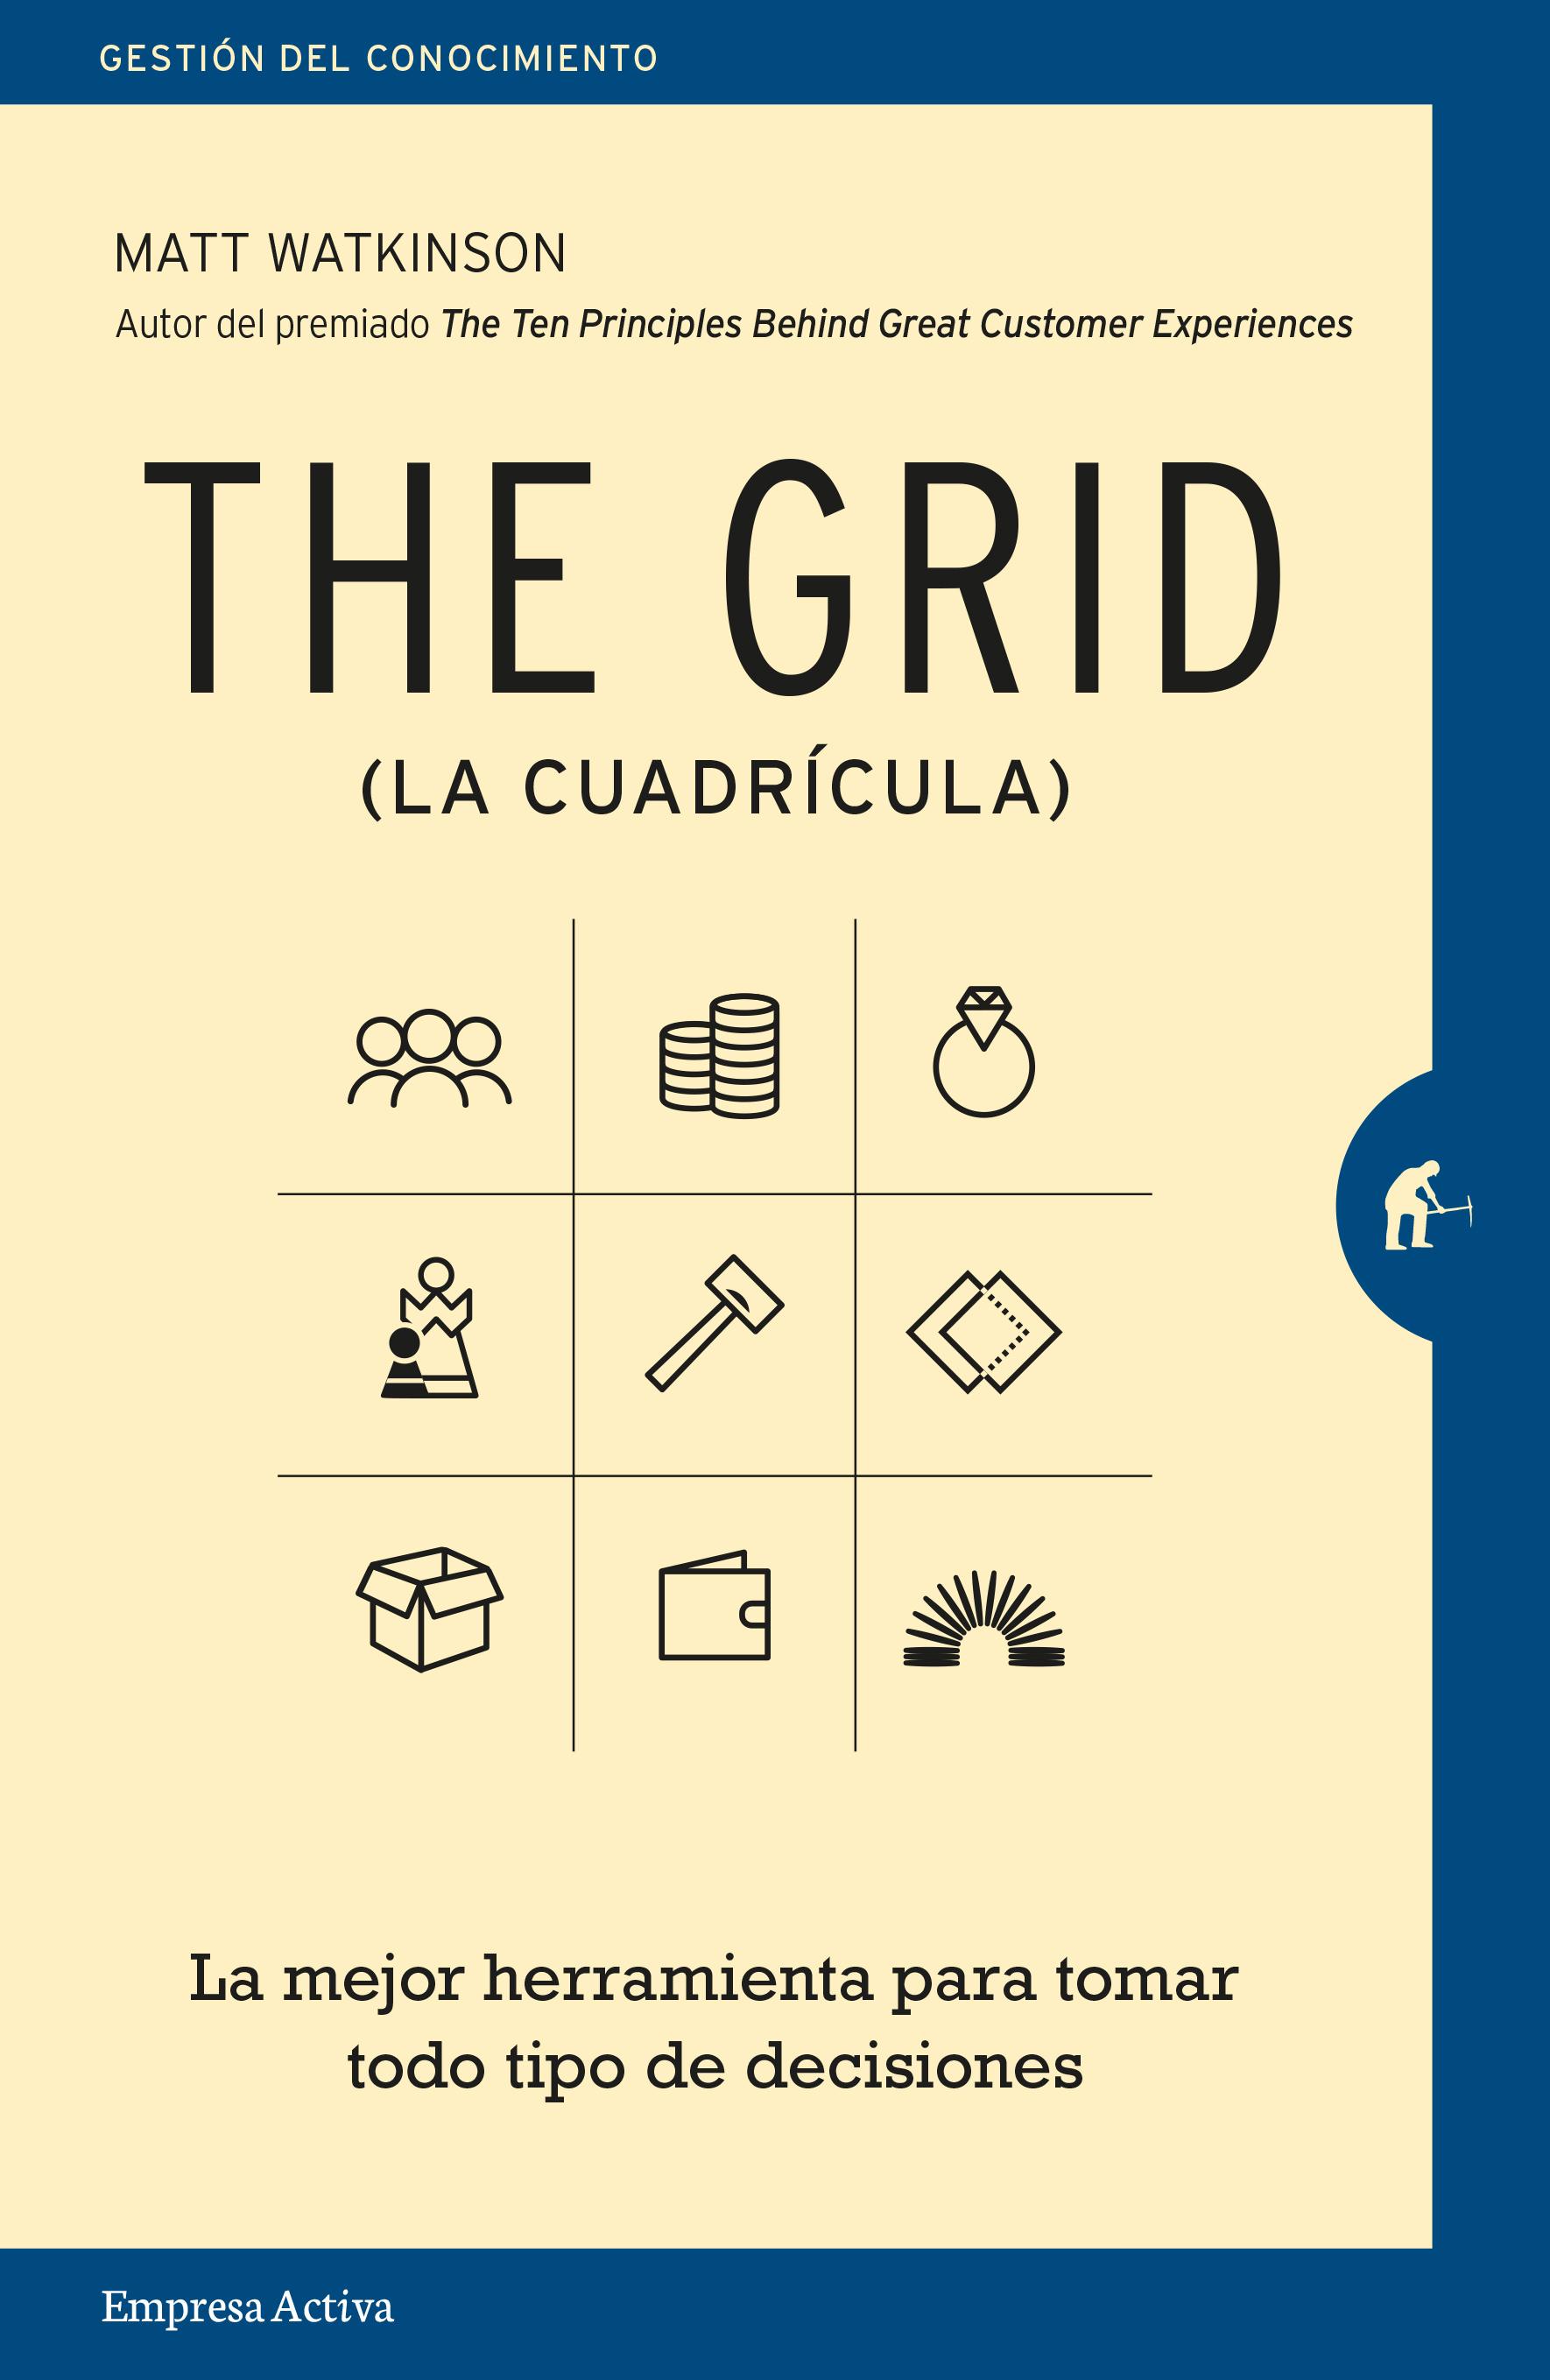 The grid - La cuadrícula